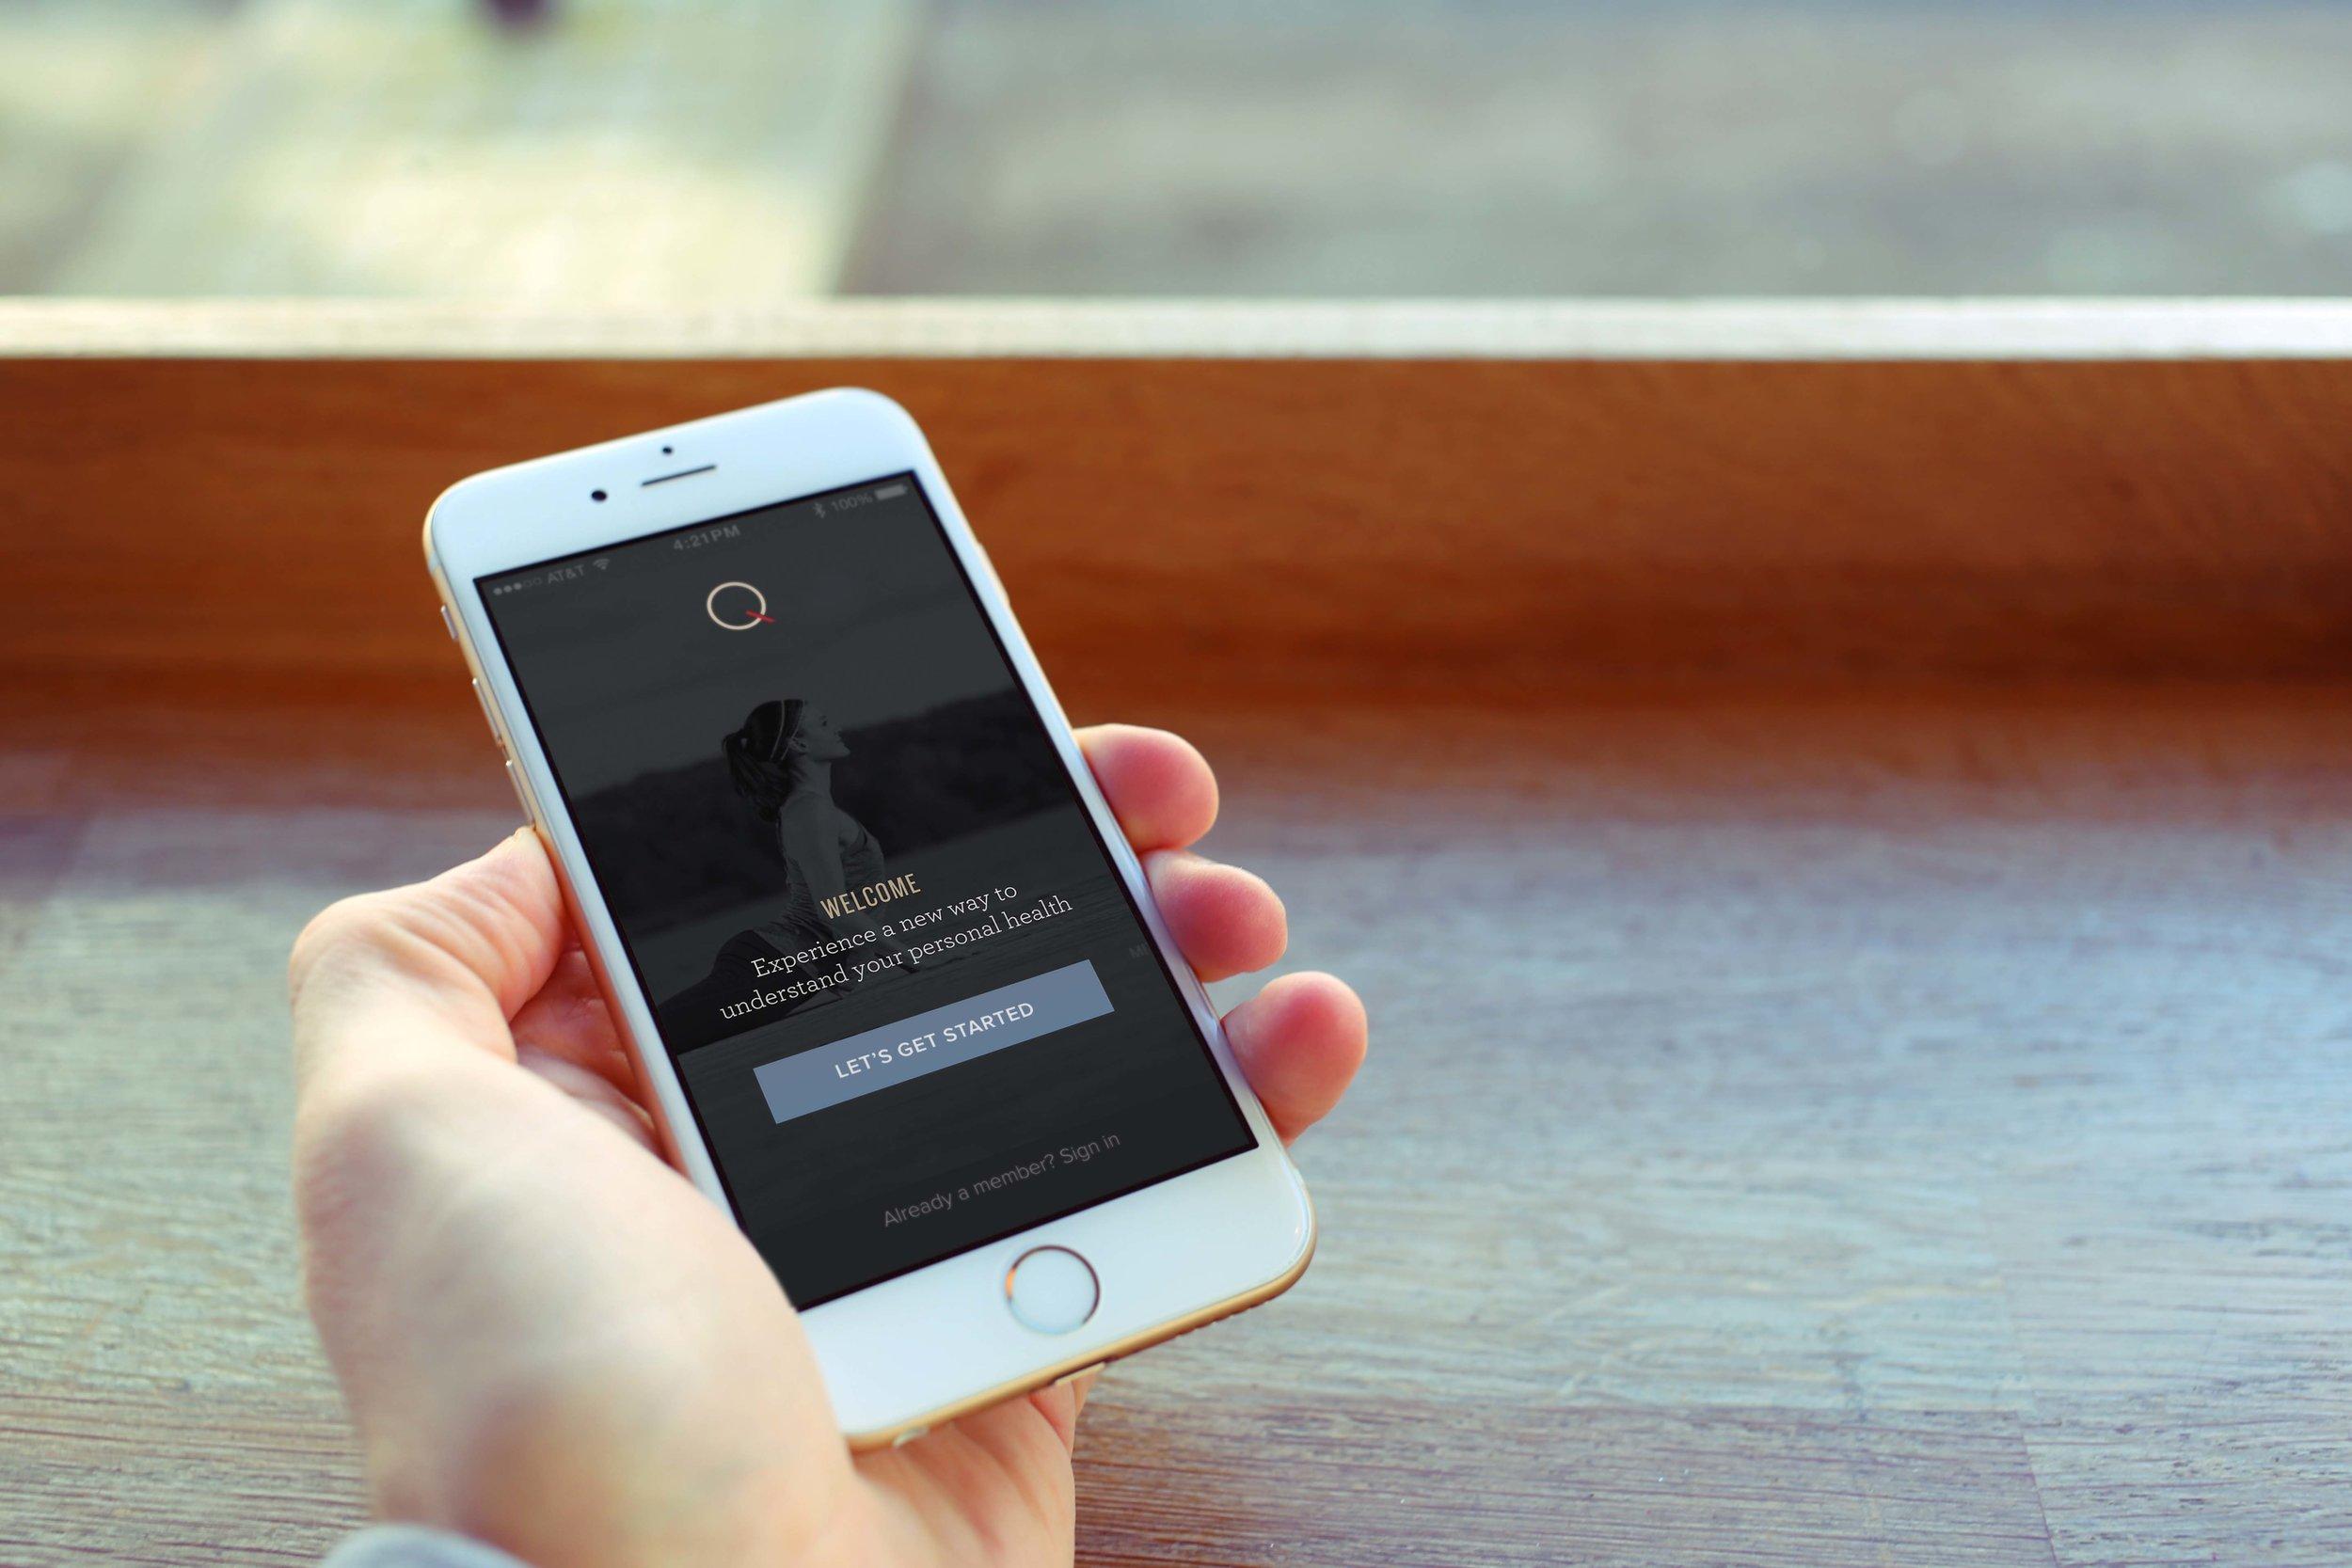 iPhone 6 Café Hand.jpg